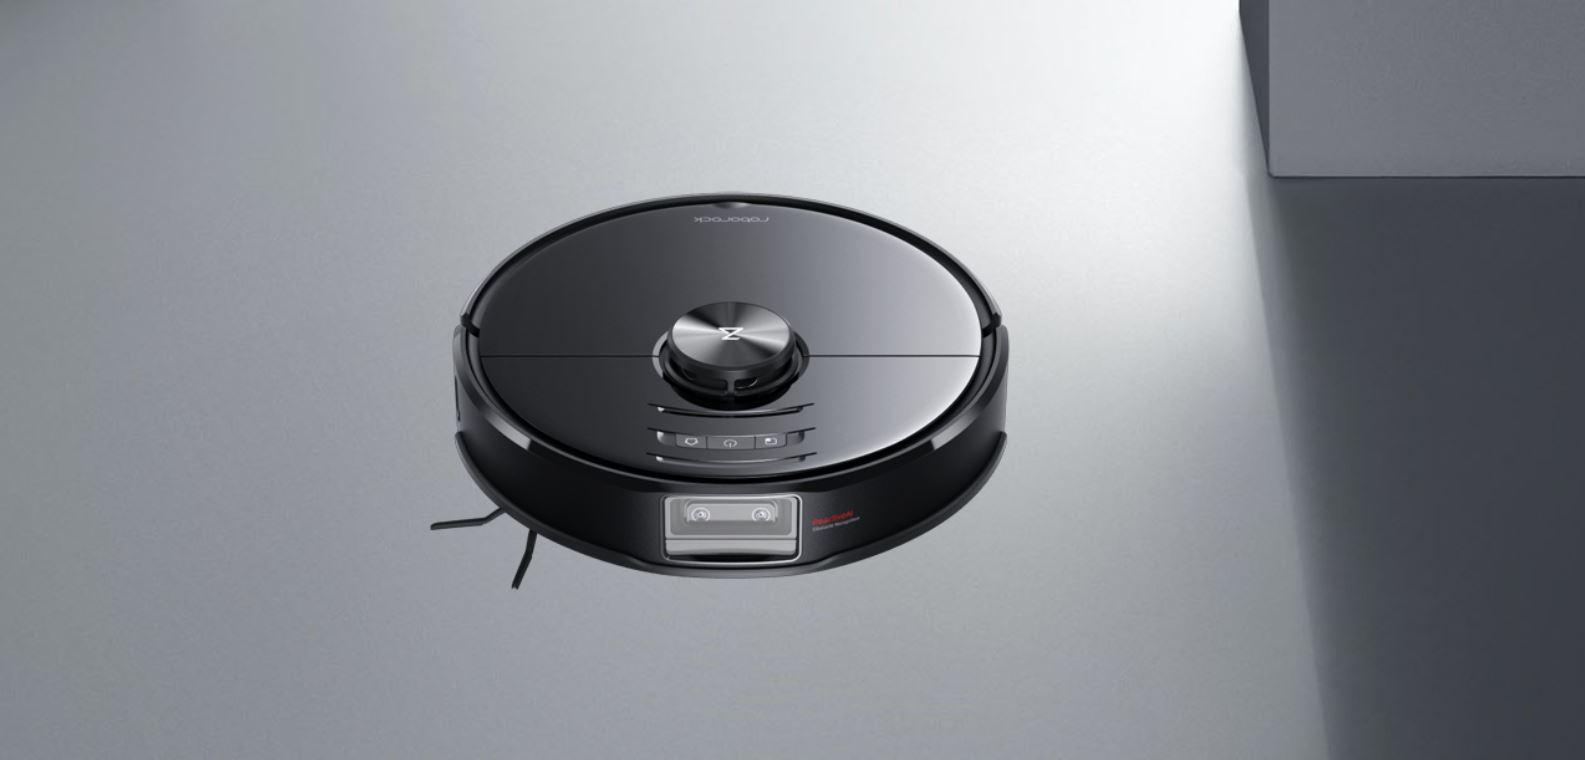 Najpopularniejsze roboty sprzątające - TOP 10 - Roborock S6 maxV